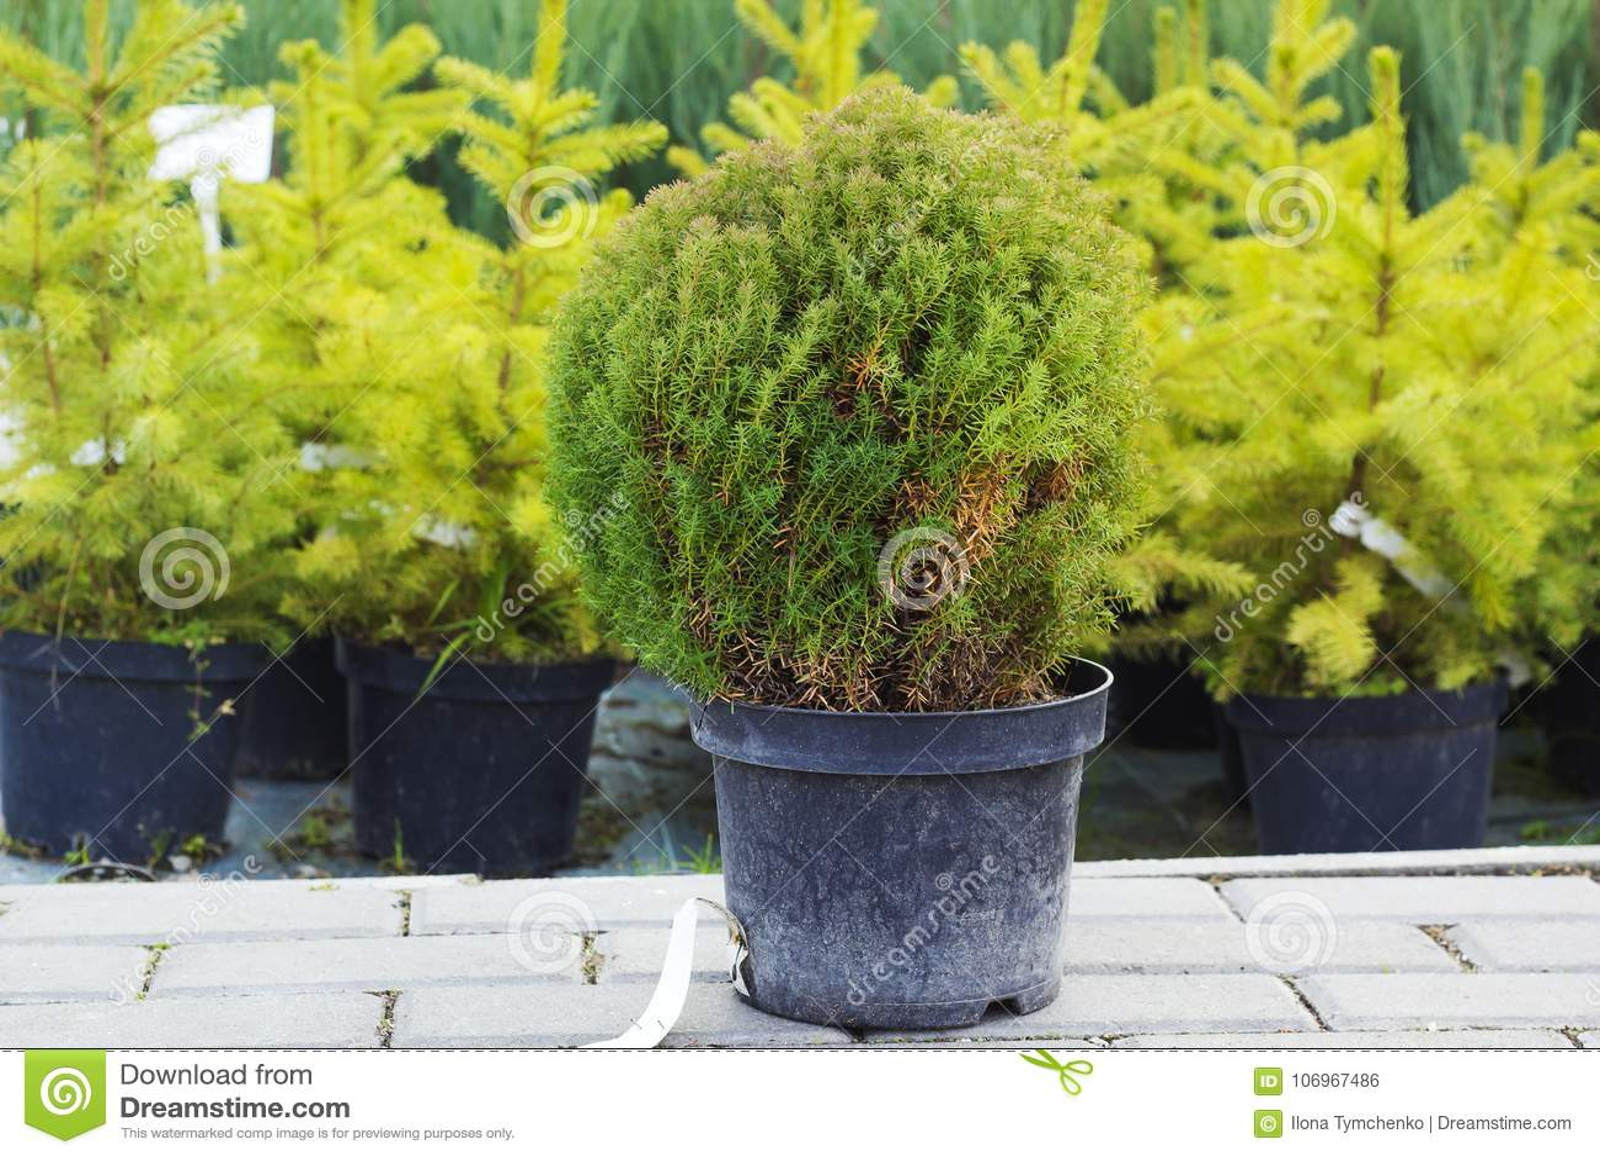 Conifera sempreverde di piccolo tasso in vaso da fiori al giardino fotografia stock immagine - Vaso da giardino ...